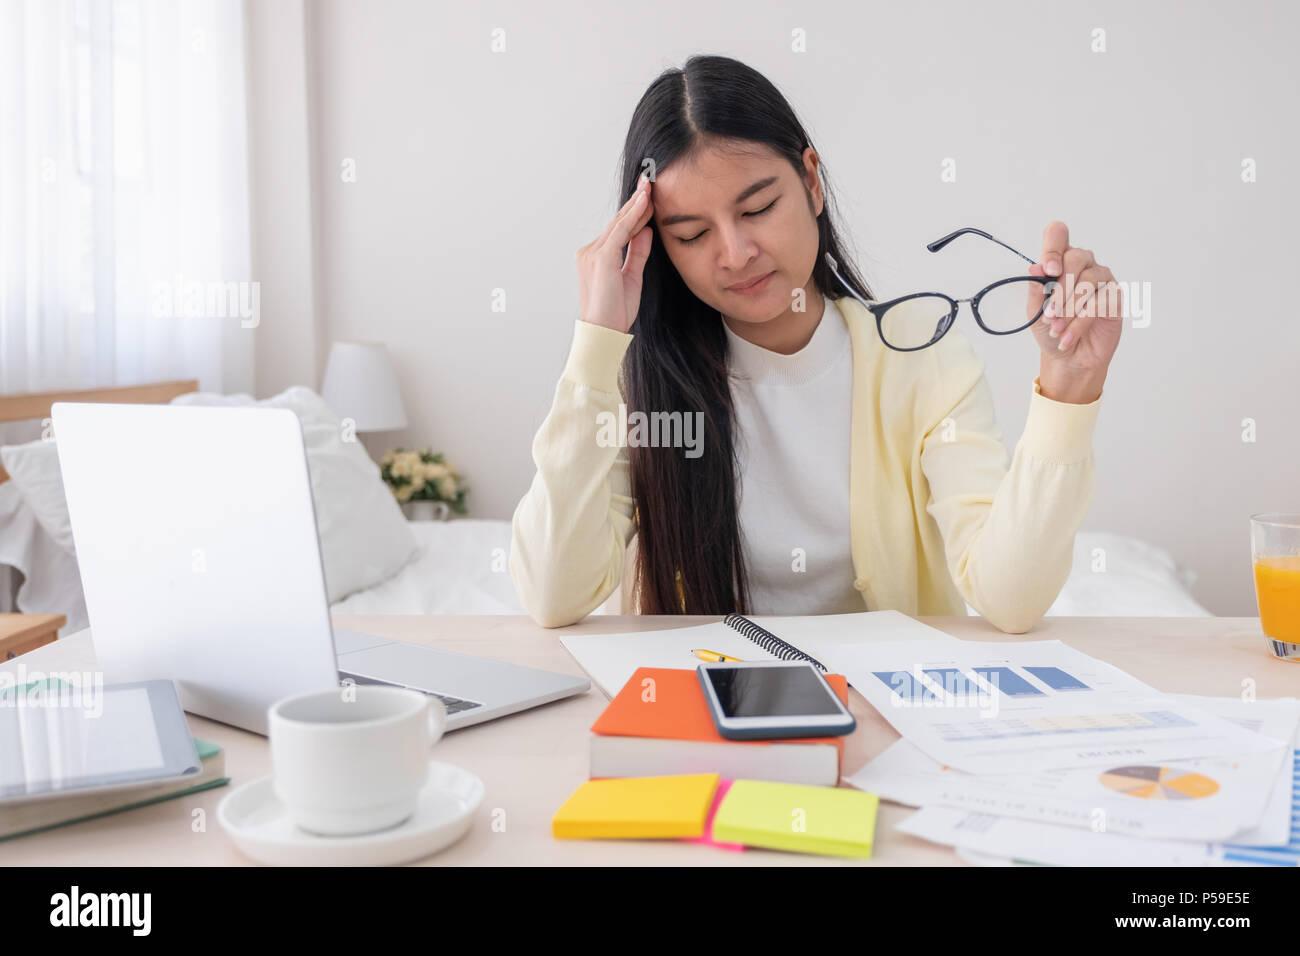 Femmina asiatica freelancer mal di testa e stress mentre si lavora con il computer portatile sul tavolo in camera da letto a casa.Il lavoro a casa concetto.lavorare da casa concept Immagini Stock